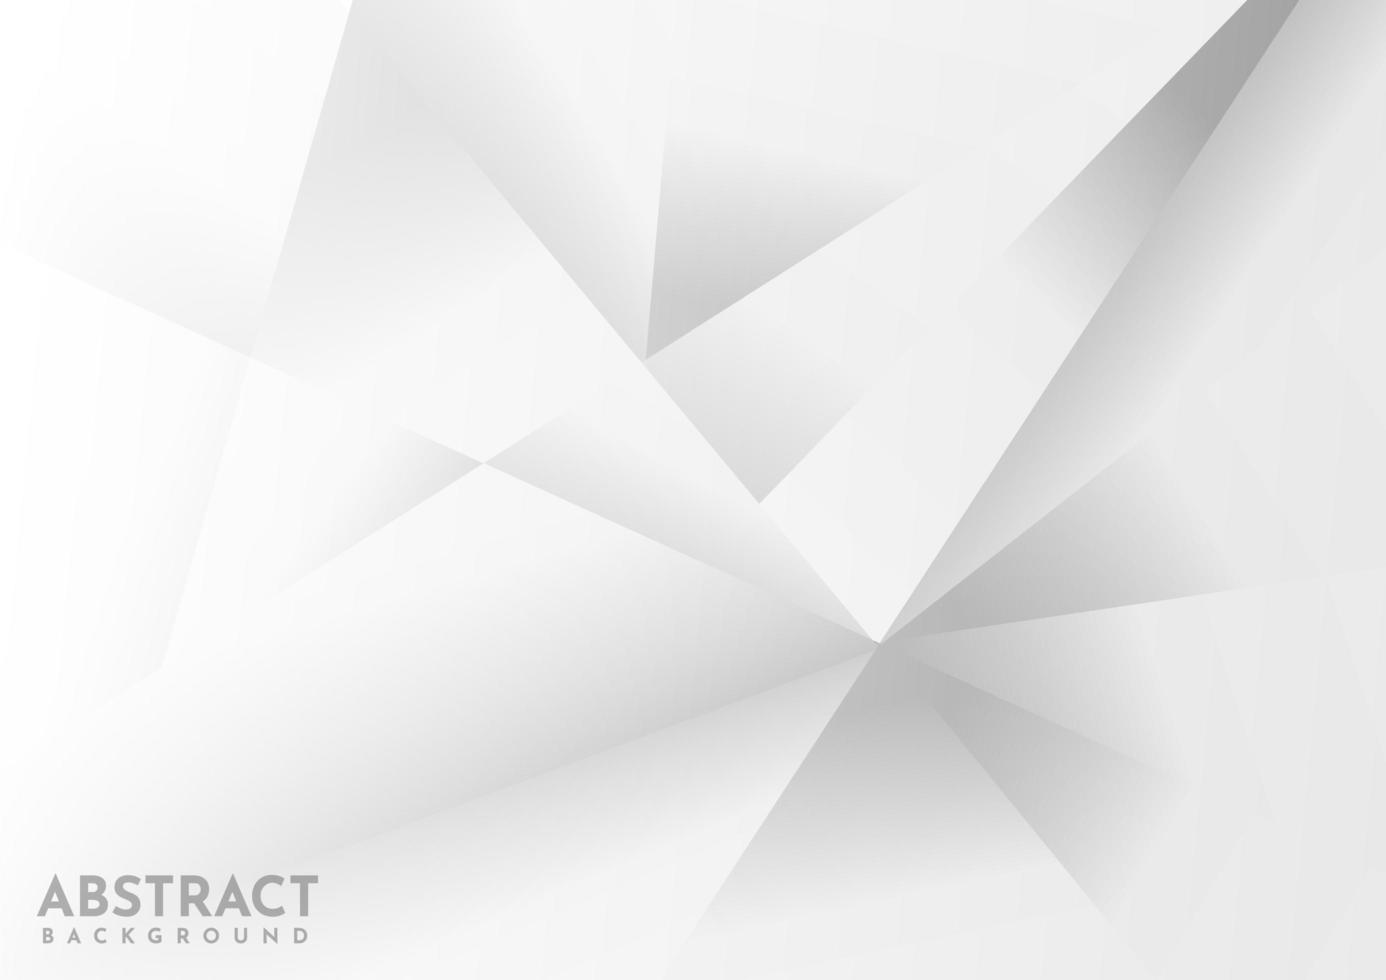 geometrischer weißer und grauer Hintergrund vektor